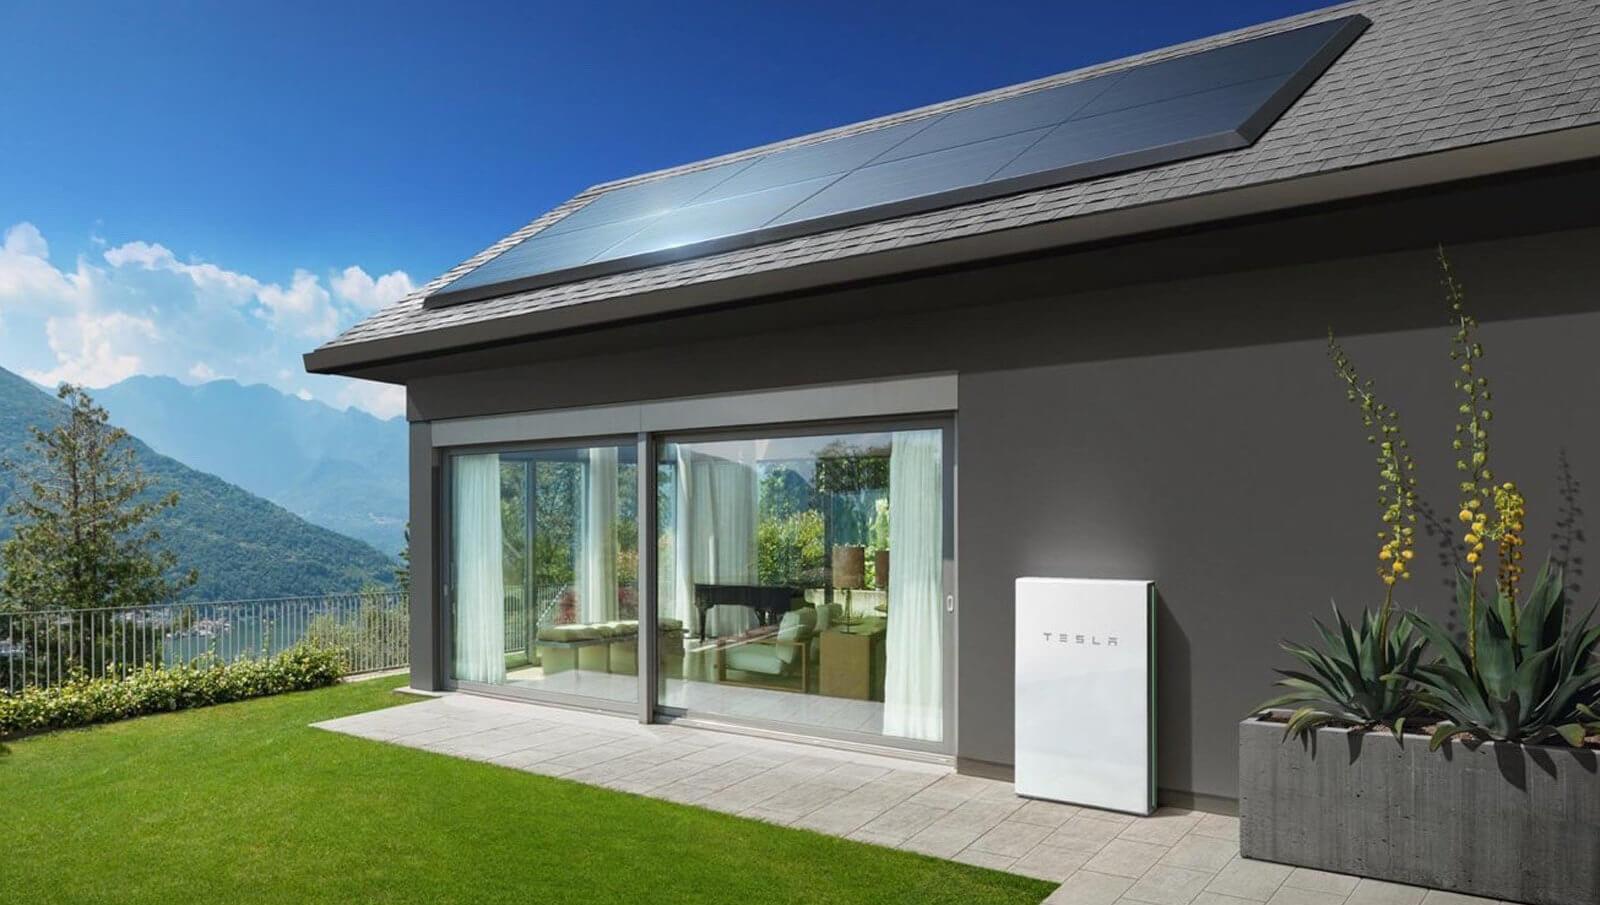 Солнечные батареи Tesla можно арендовать за 50 долларов в месяц. Но не все так гладко